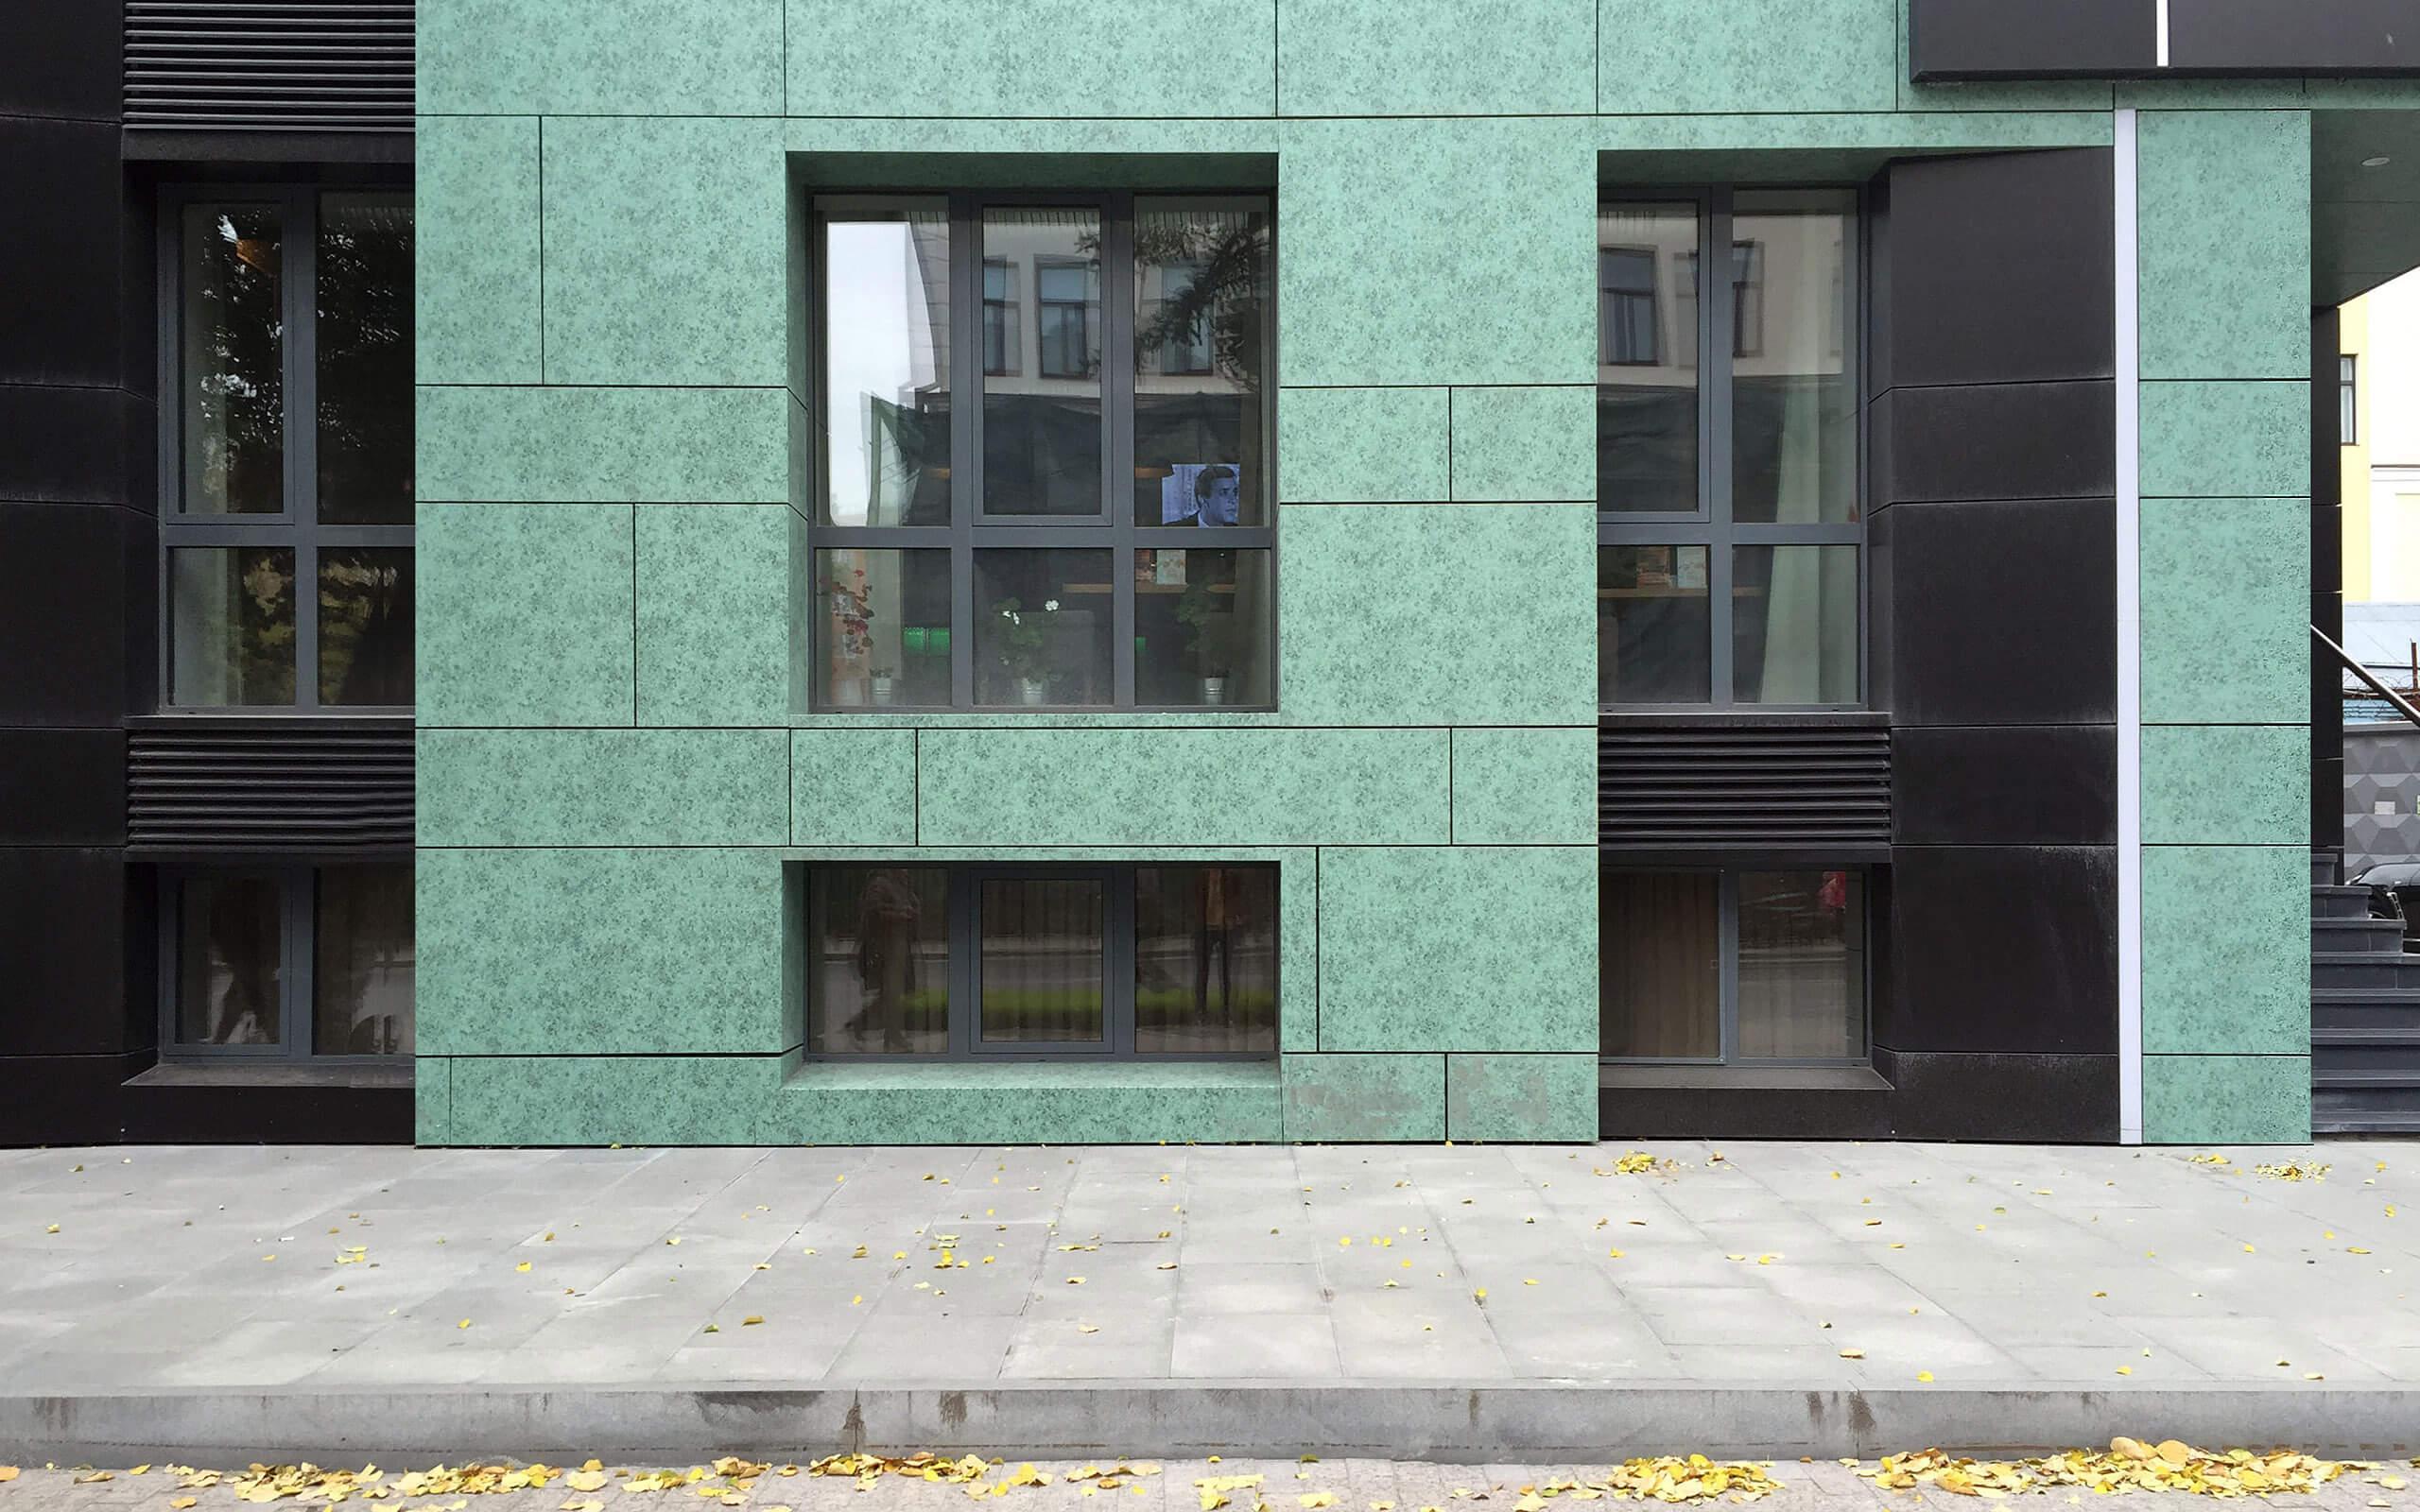 office facades. Office Facades